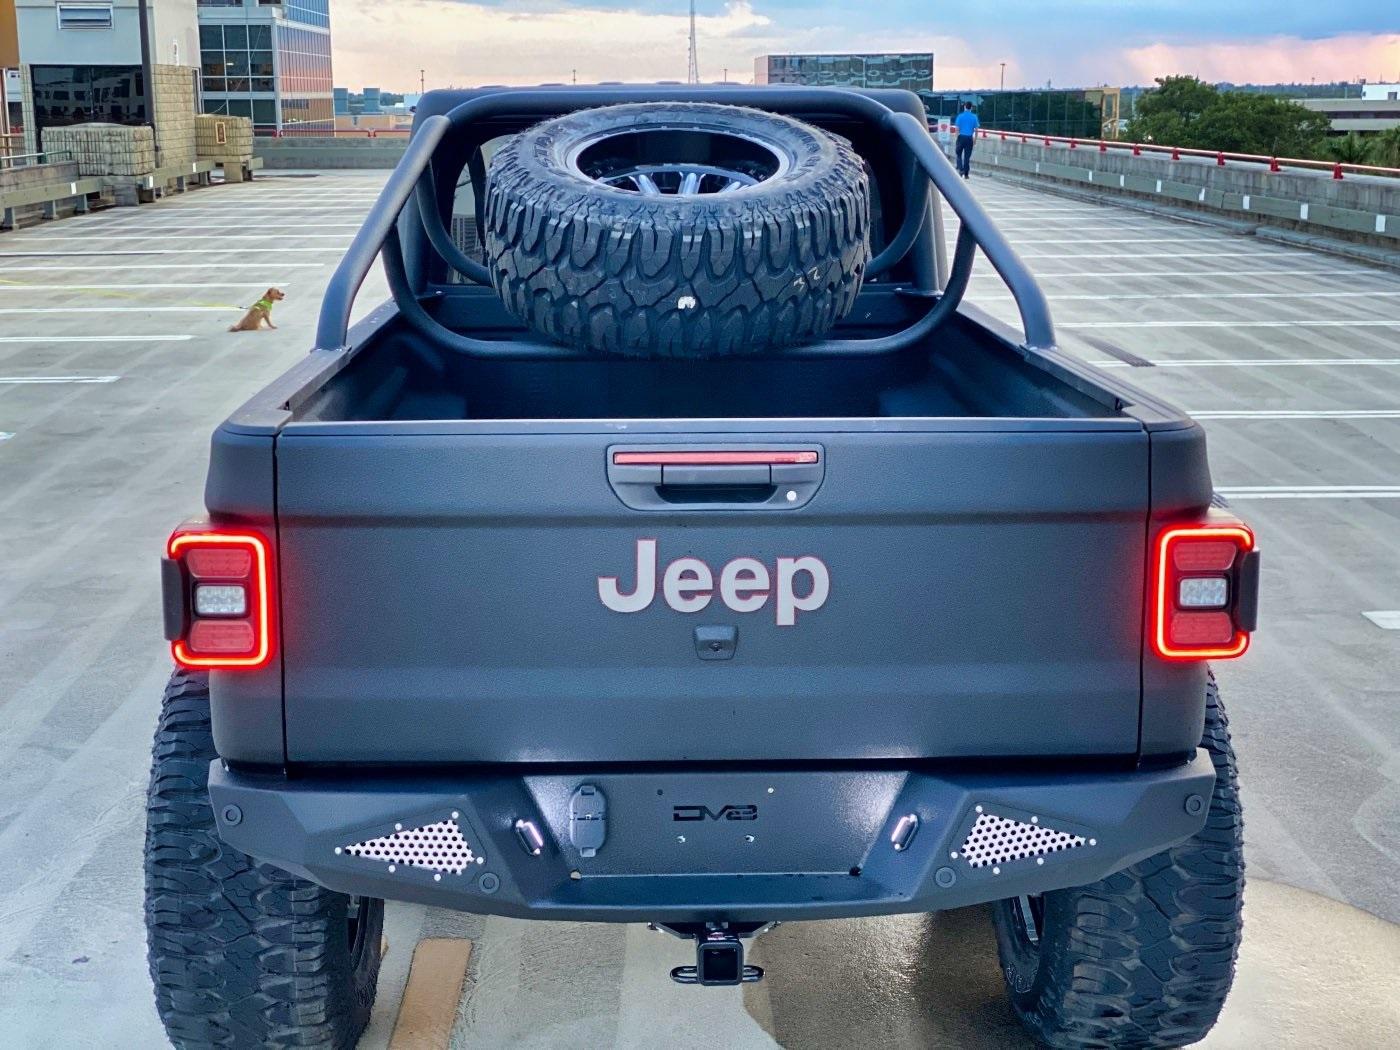 Jeep-Gladiator-6x6-by-So-Flo-Jeeps-14